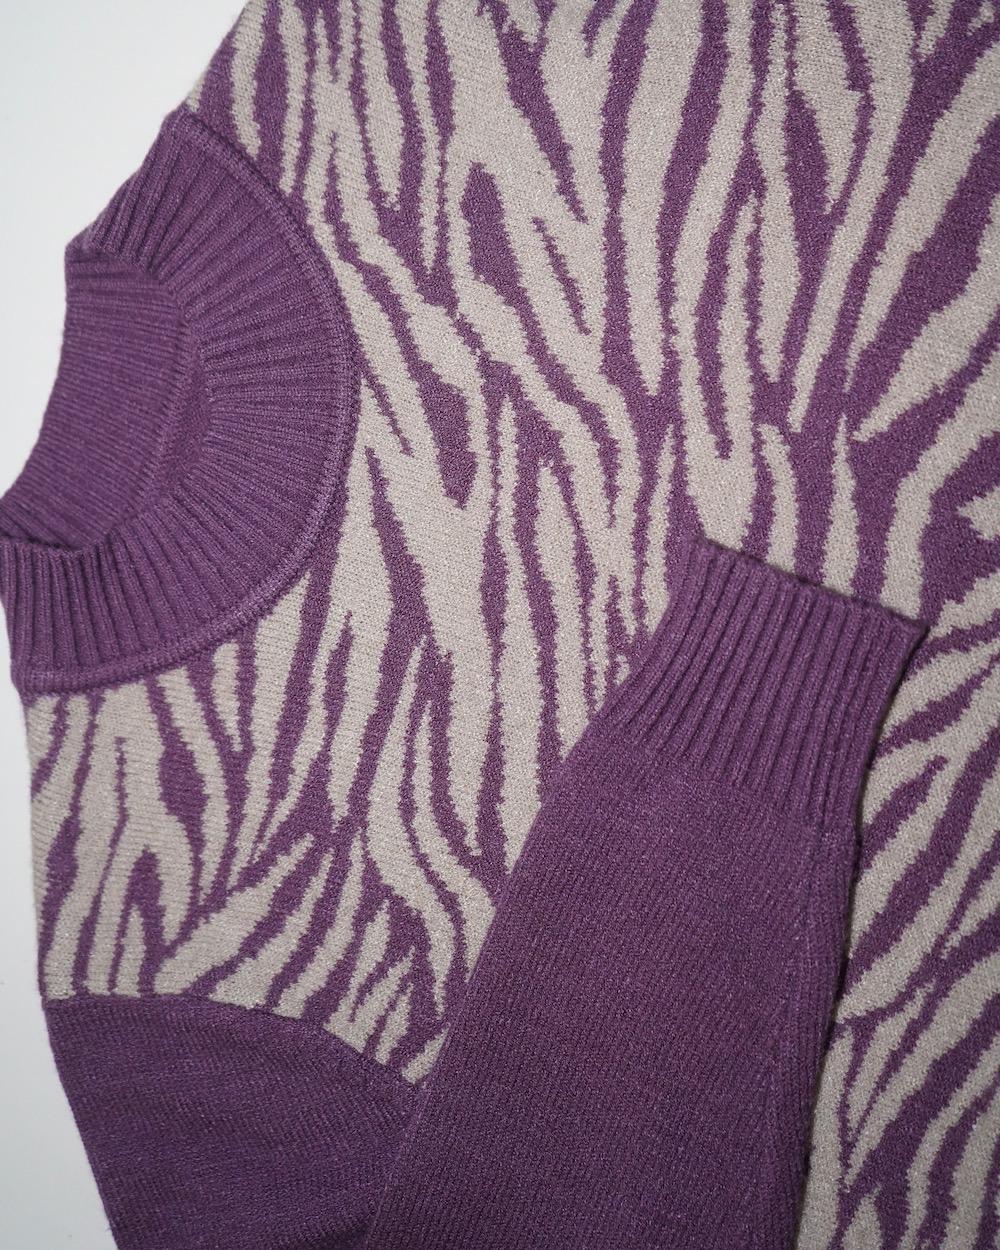 Zebra Pattern Mock Neck Knit Sweater (purple)